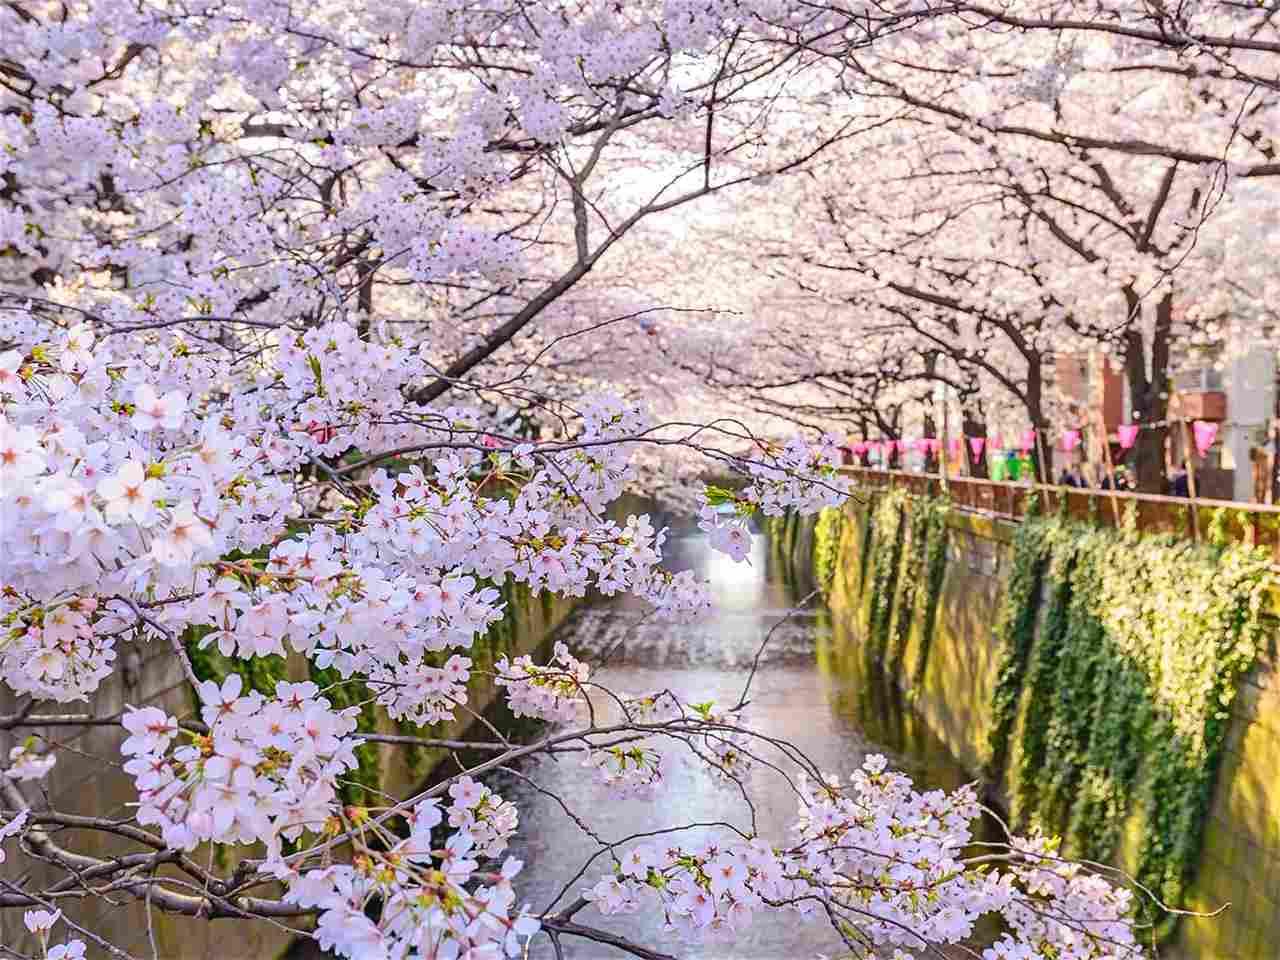 Hoa anh đào nở rộ mỗi dịp xuân chạm ngõ làm nước Nhật dịu dàng lại càng dịu dàng hơn khám phá lễ hội mùa xuân trên nước Nhật